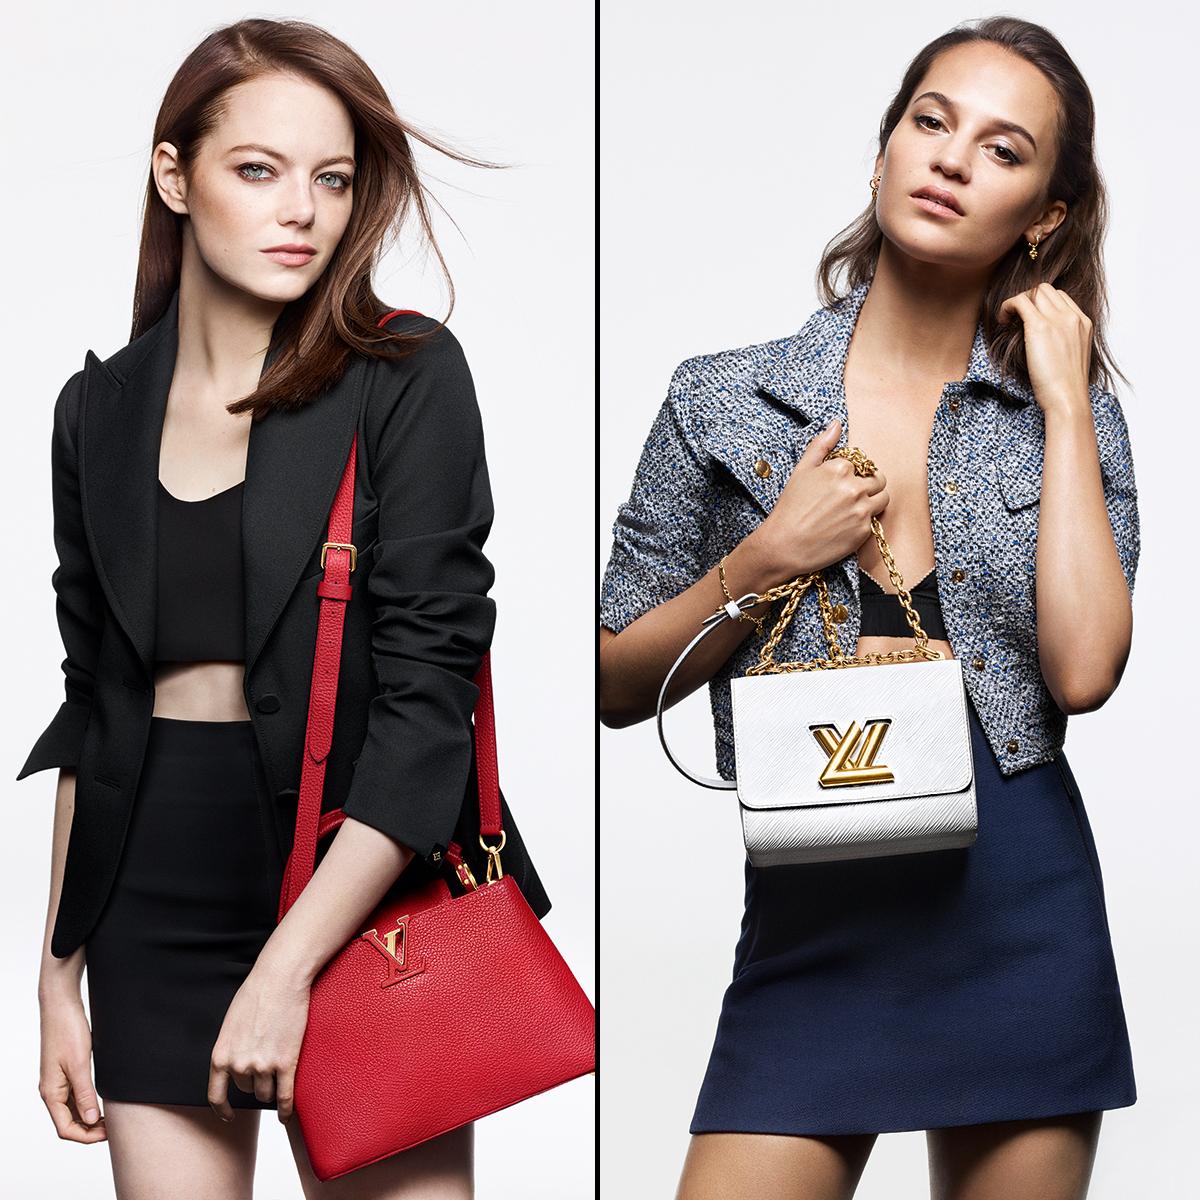 Emma-Stone,-Alicia-Vikander-and-Lea-Seydoux-Stun-in-Louis-Vuitton's-Latest-Campaign - Emma Stone and Alicia Vikander